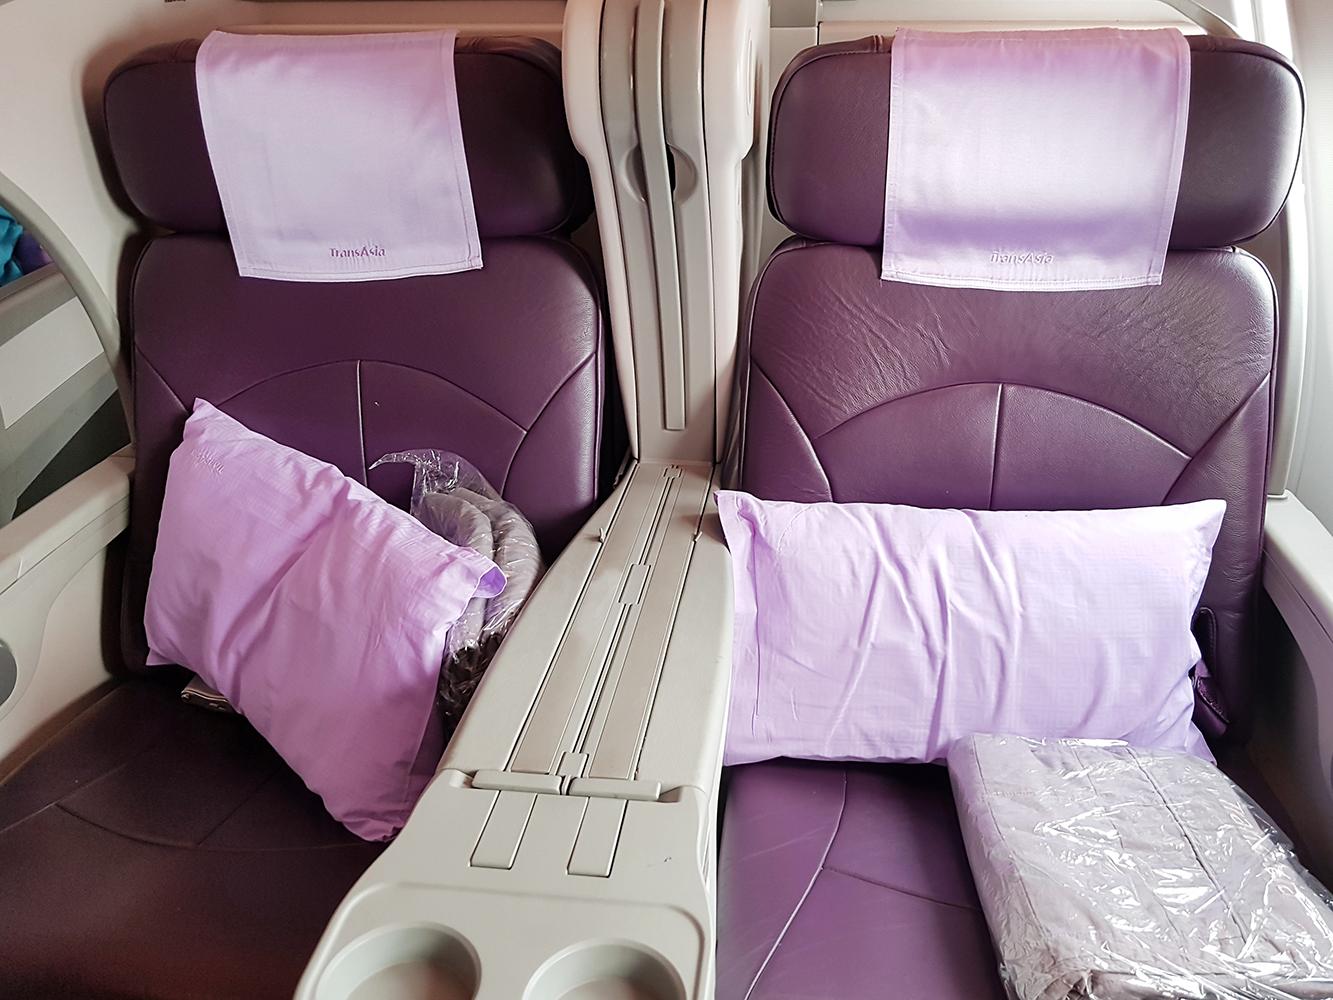 [日本旅行] 復興航空商務艙體驗~ 提早規劃享優惠!輕鬆享受舒適旅行體驗!!附日本旅行準備參考 @3C 達人廖阿輝